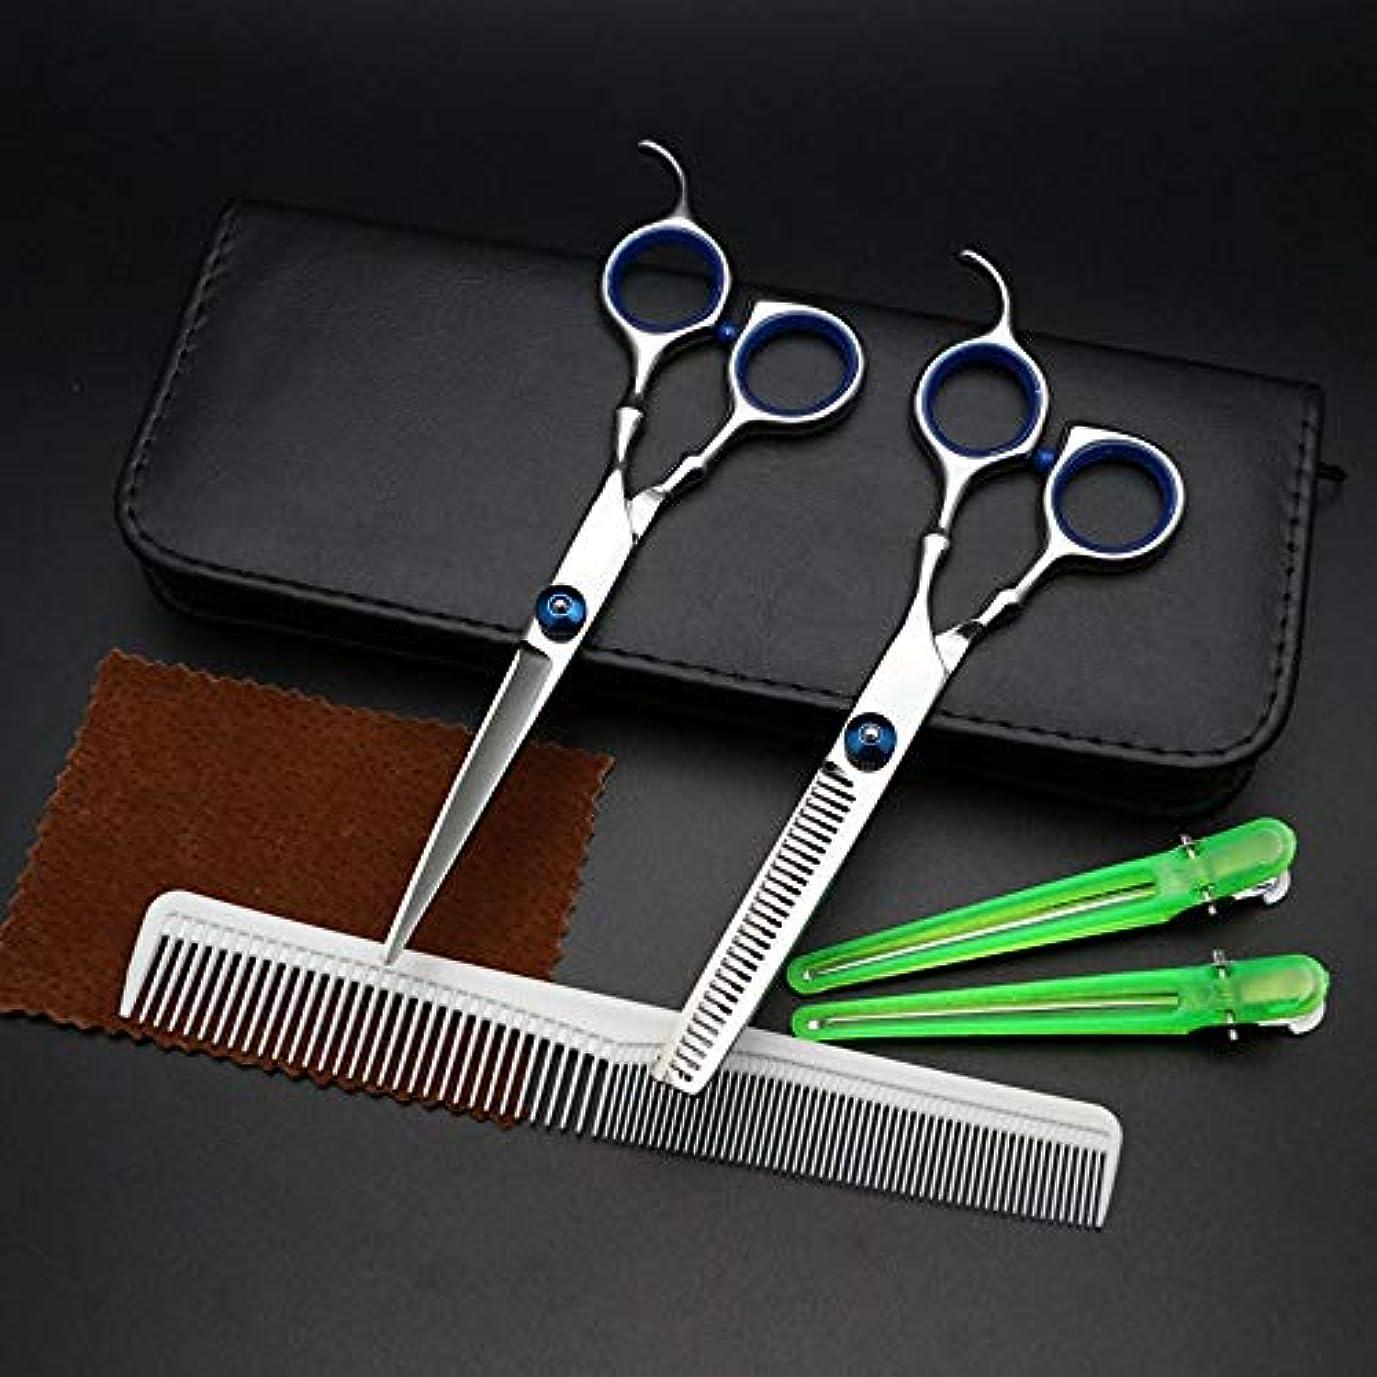 前任者ファイアルウィンク6インチ美容院プロフェッショナル理髪セットフラットシアー+歯はさみセット モデリングツール (色 : Silver)